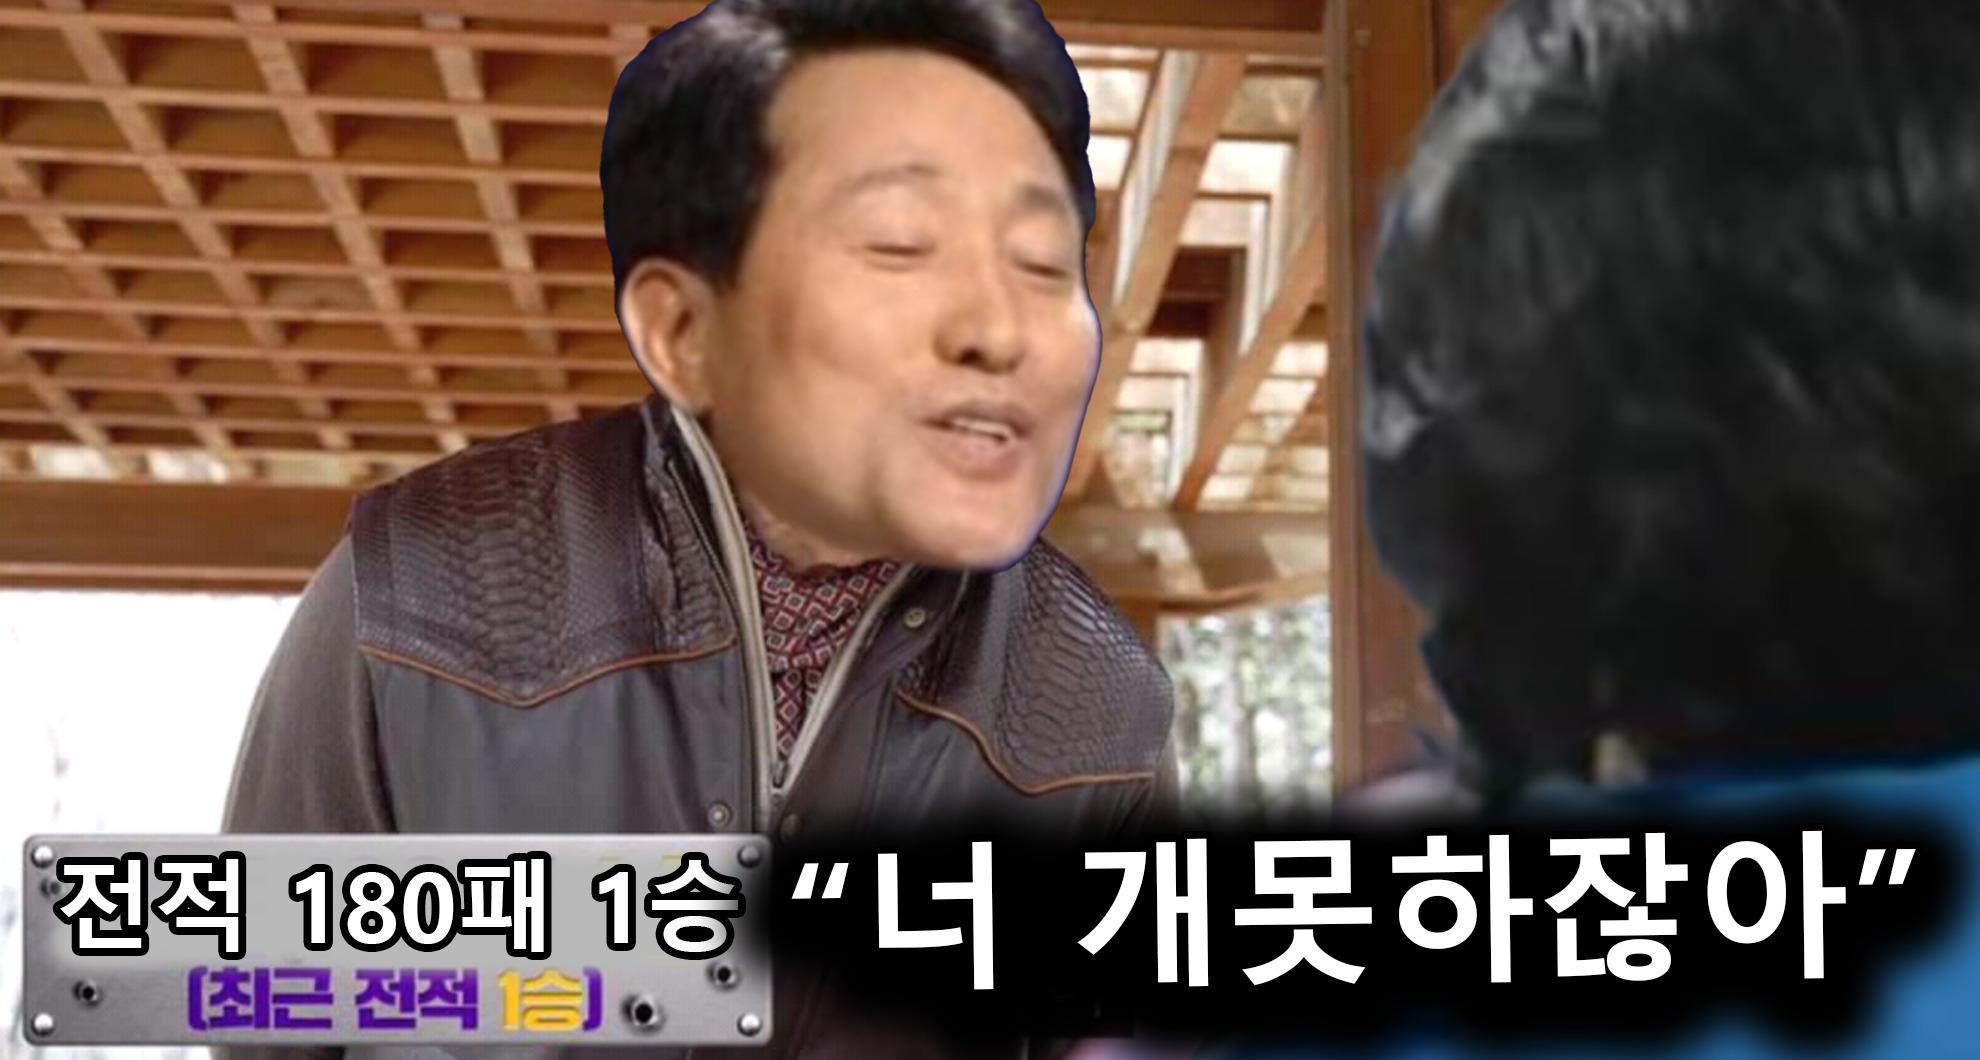 오세훈 압승! 서울시장 보궐선거 이모저모 1탄ㅋㅋㅋ